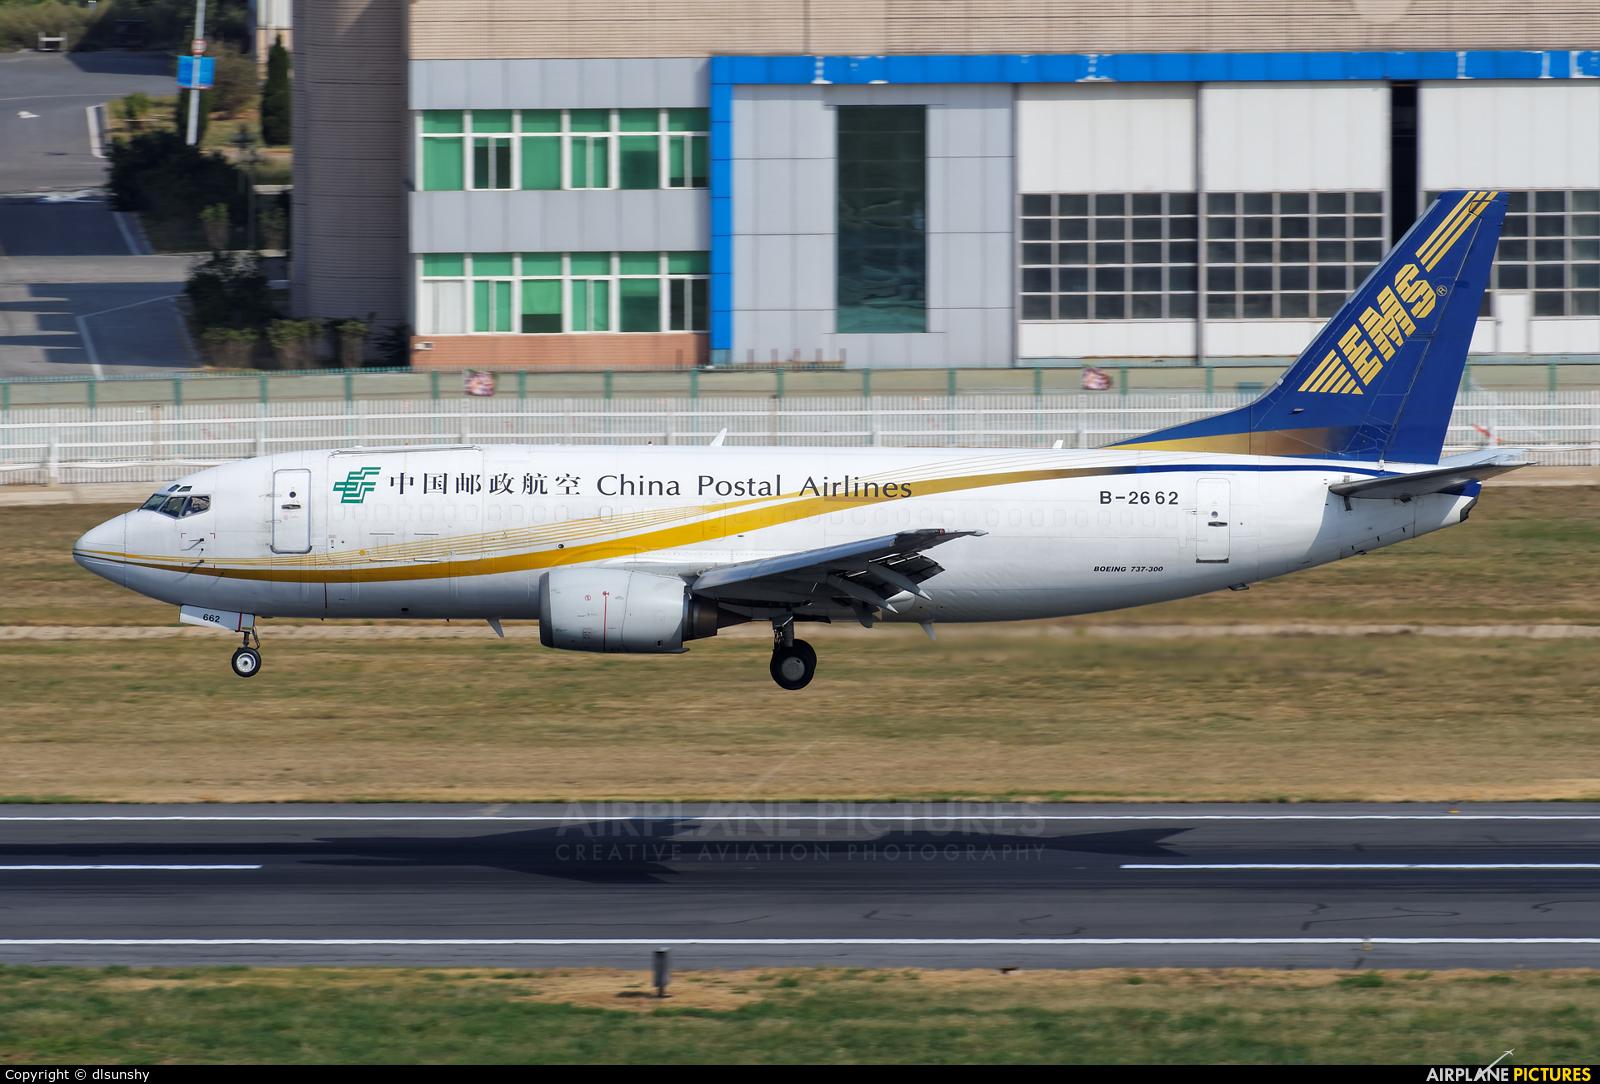 China Postal Airlines B-2662 aircraft at Dalian Zhoushuizi Int'l